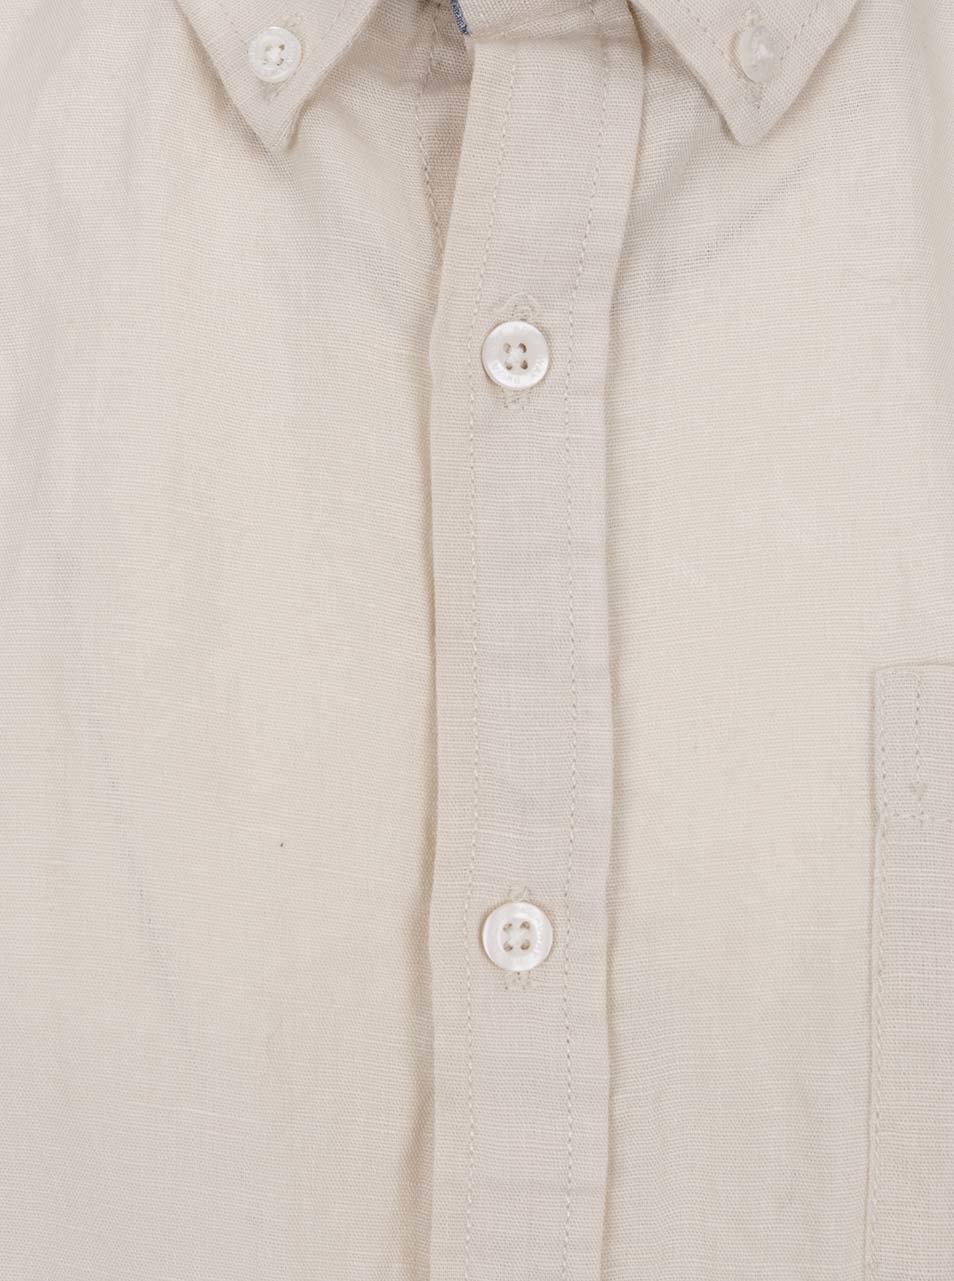 Béžová pánská košile s příměsí lnu Broadway Fayt ... 6050c76de7